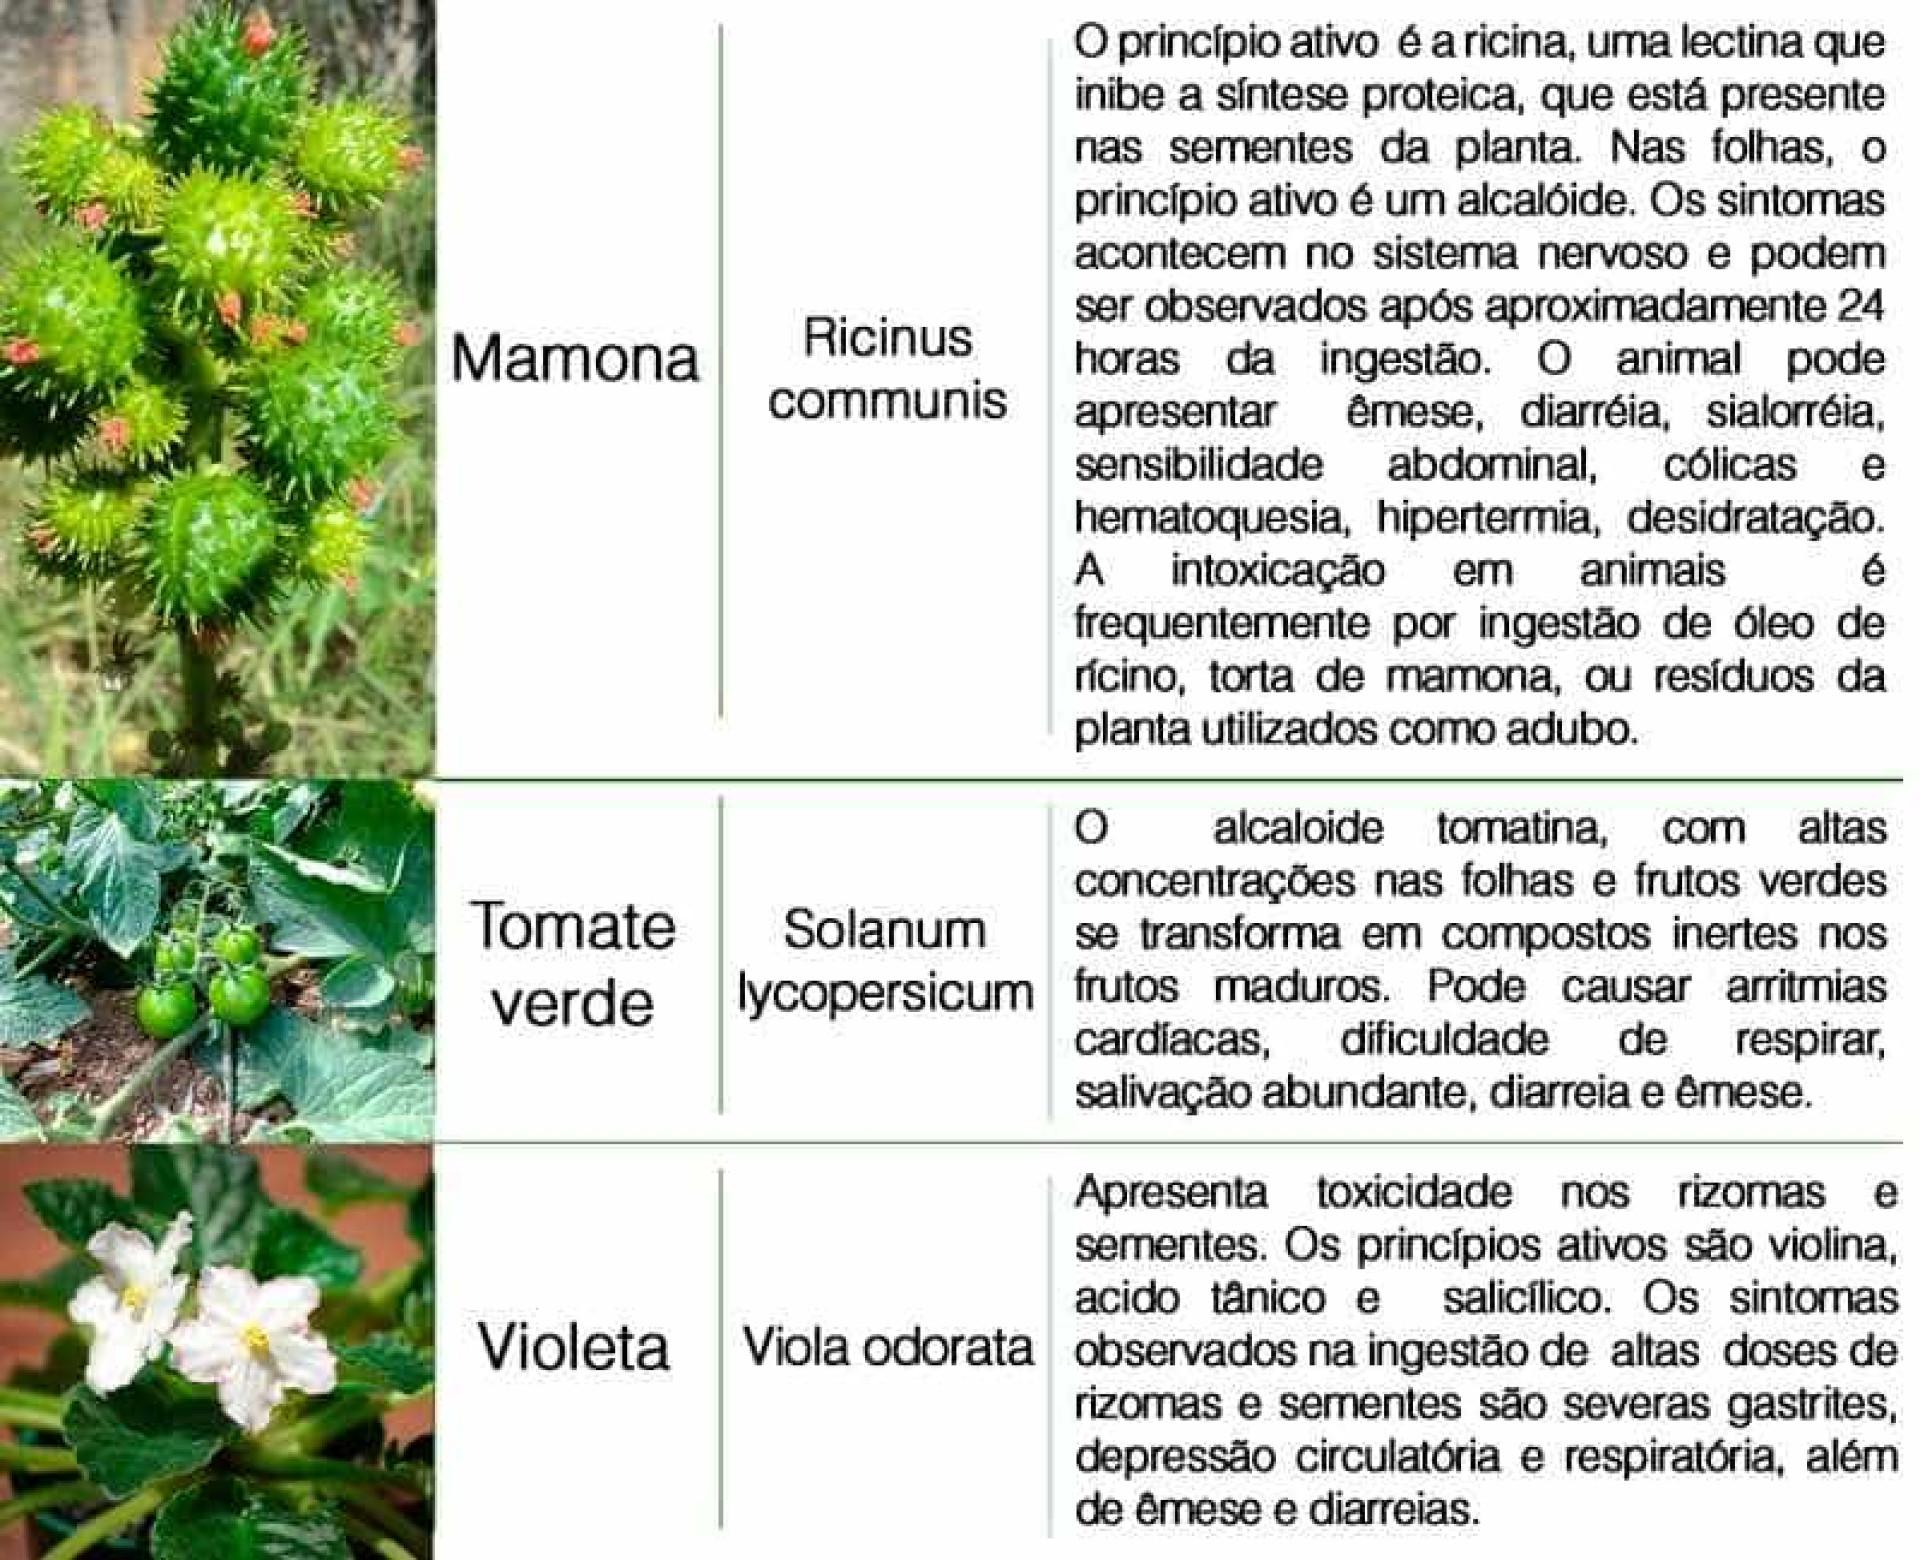 16 plantas domésticas tóxicas para animais de estimação